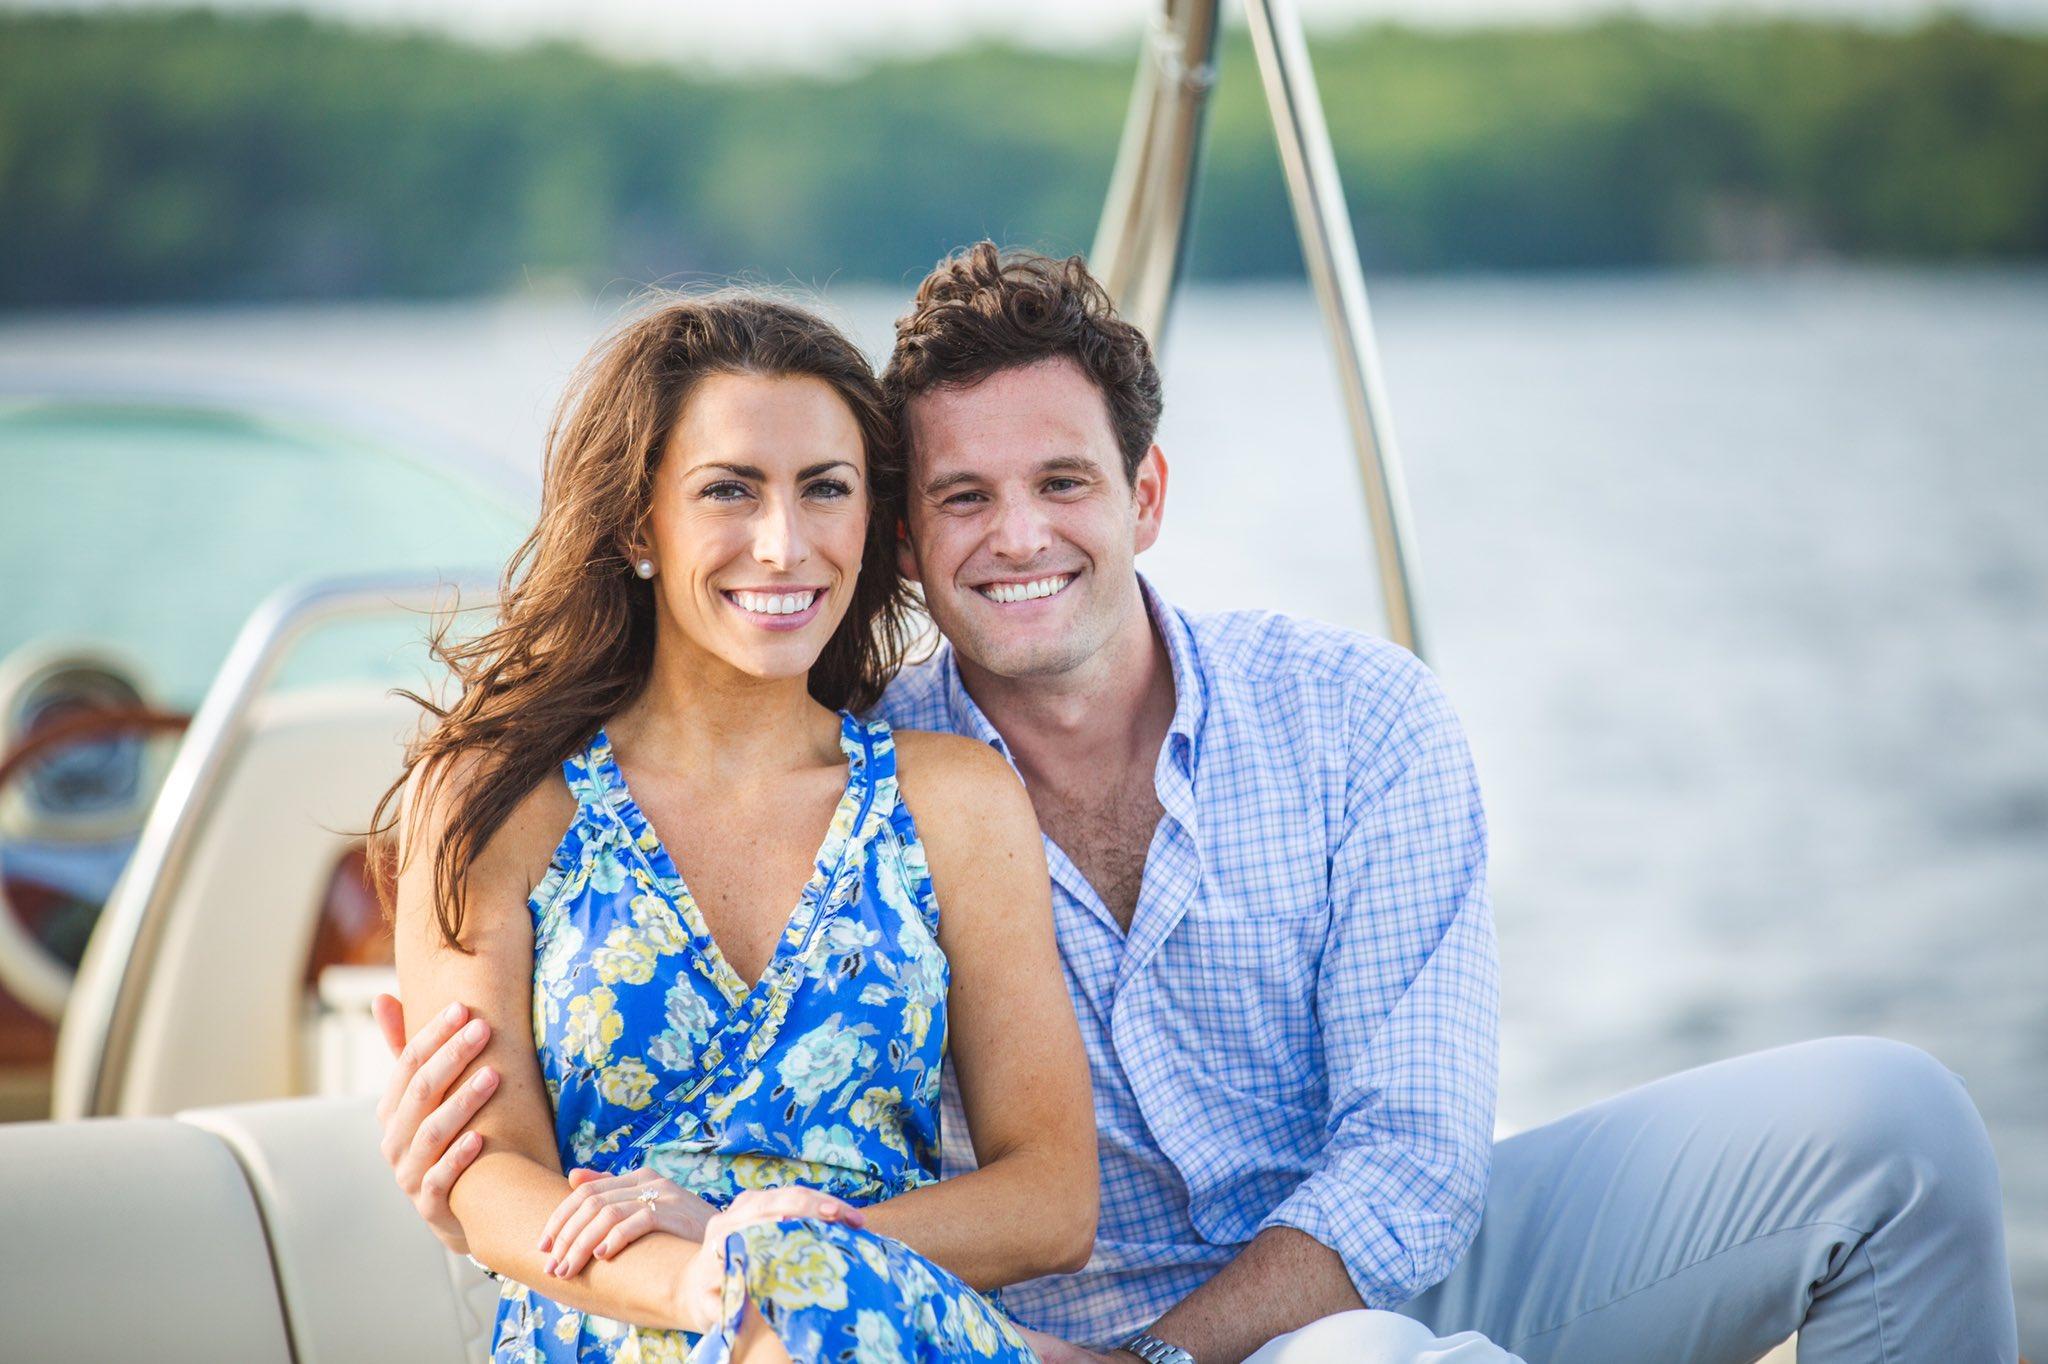 Alyssa Farah fiance